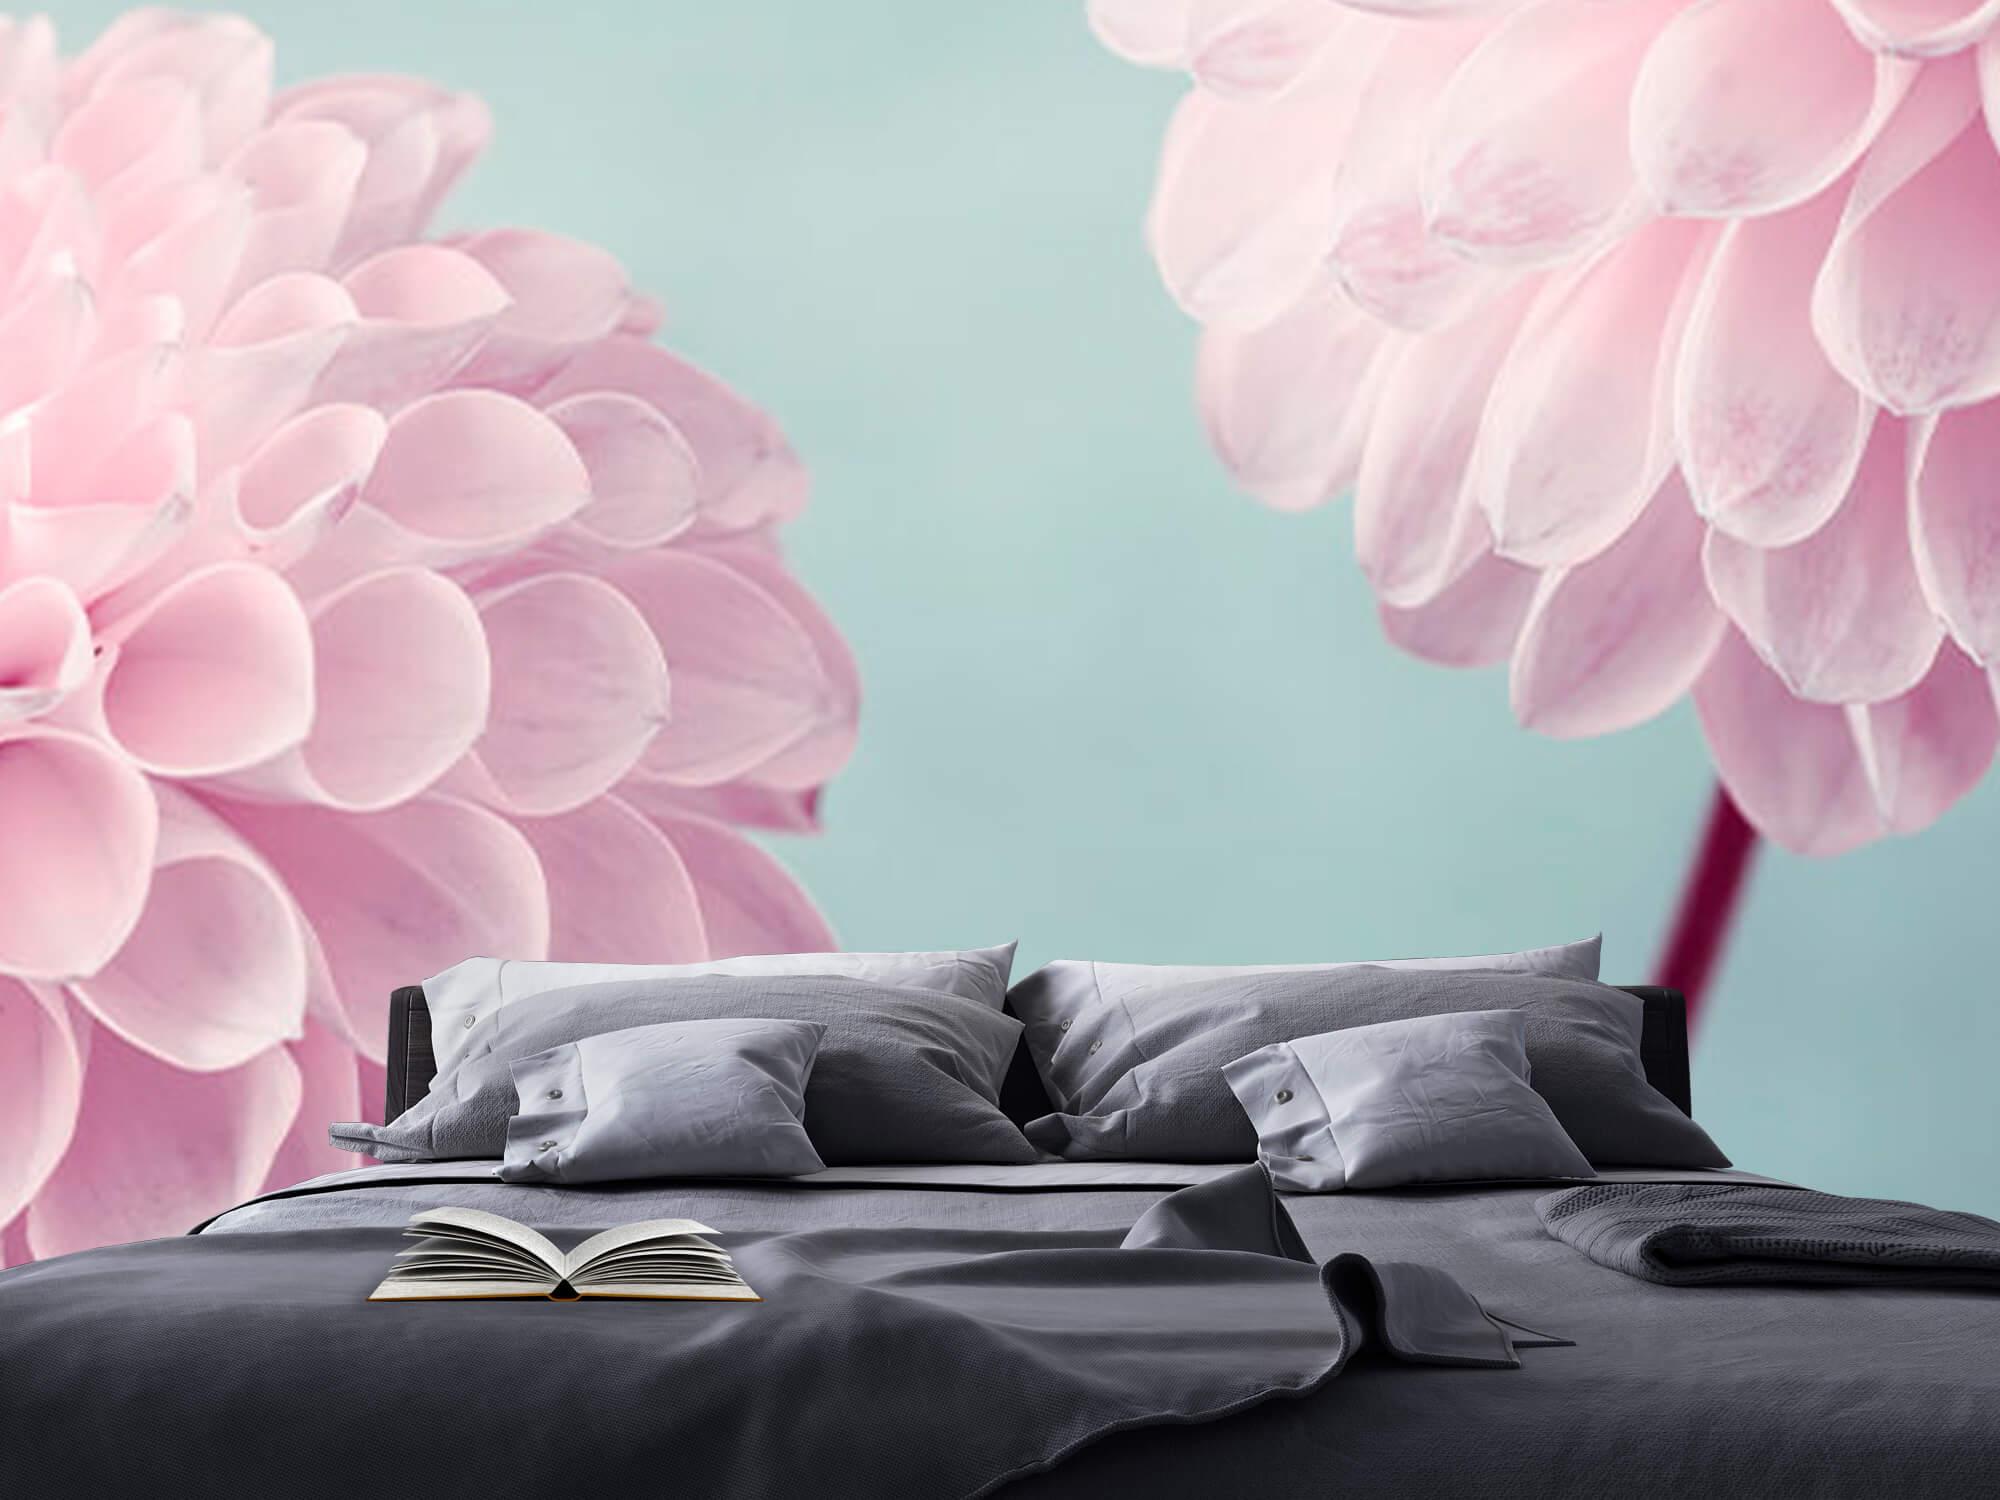 Two Dahlia Flowers 14